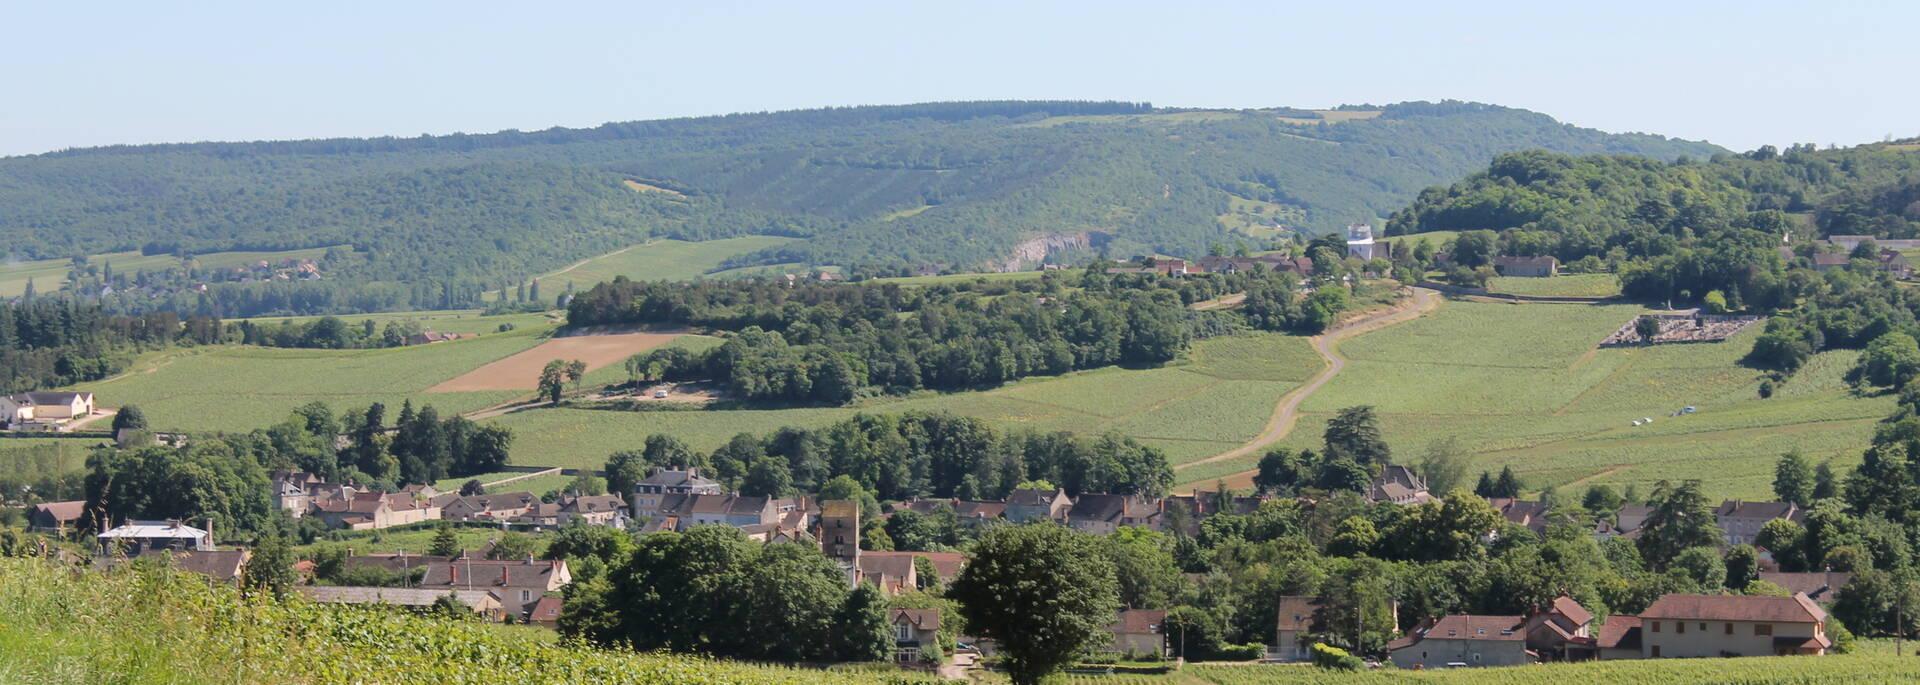 Vallée des Vaux, côté Chalonnaise - © Office de Tourisme